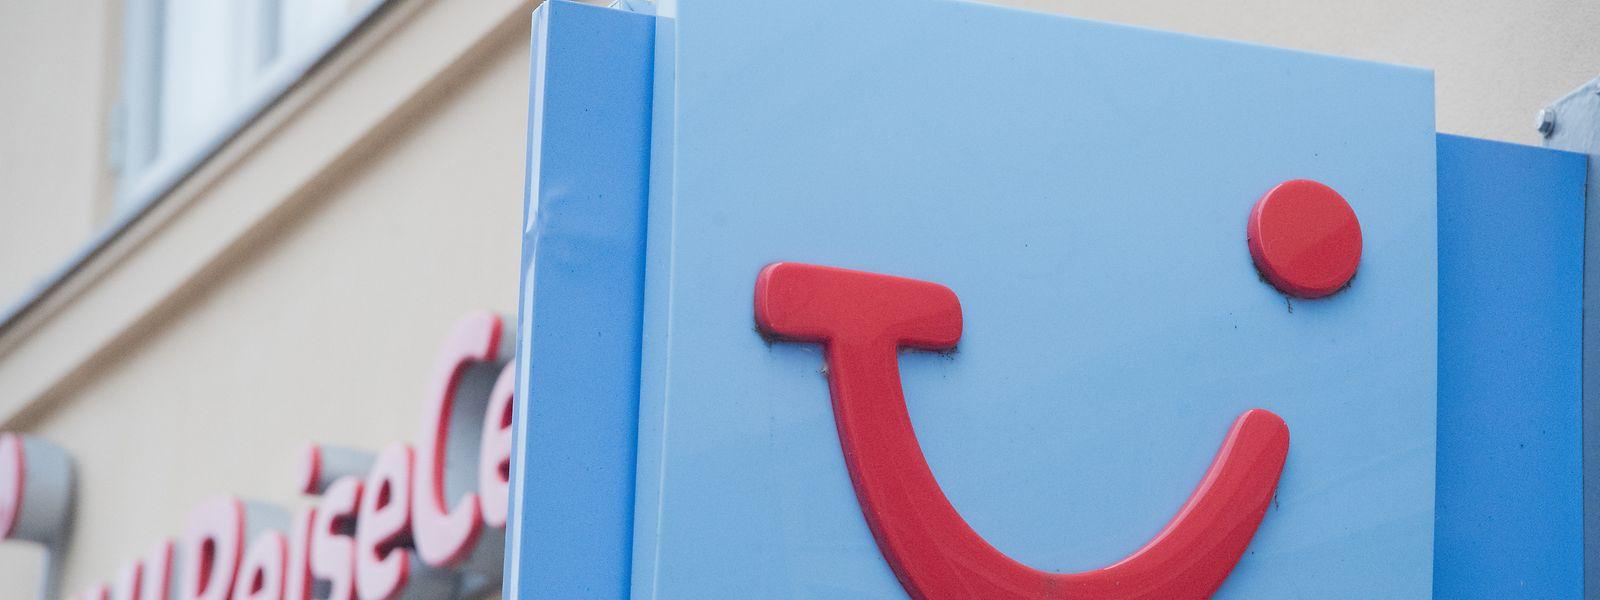 An einem Reisebüro hängt das Firmen-Schild mit dem Logo des Reiseveranstalters Tui.